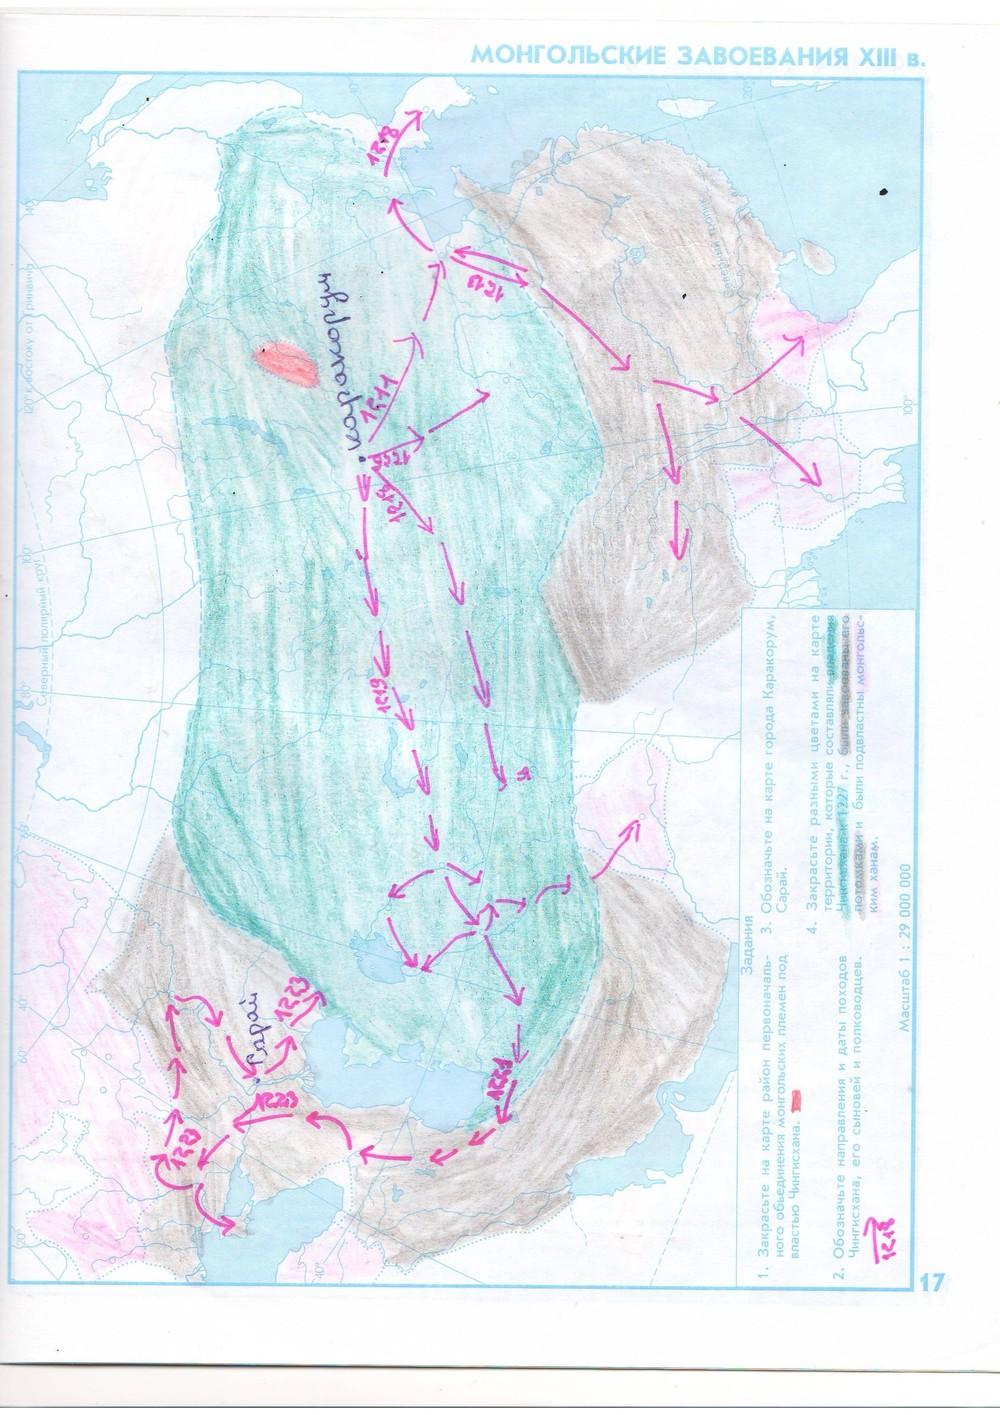 гдз контурная карта 6 класс агибалова и донской